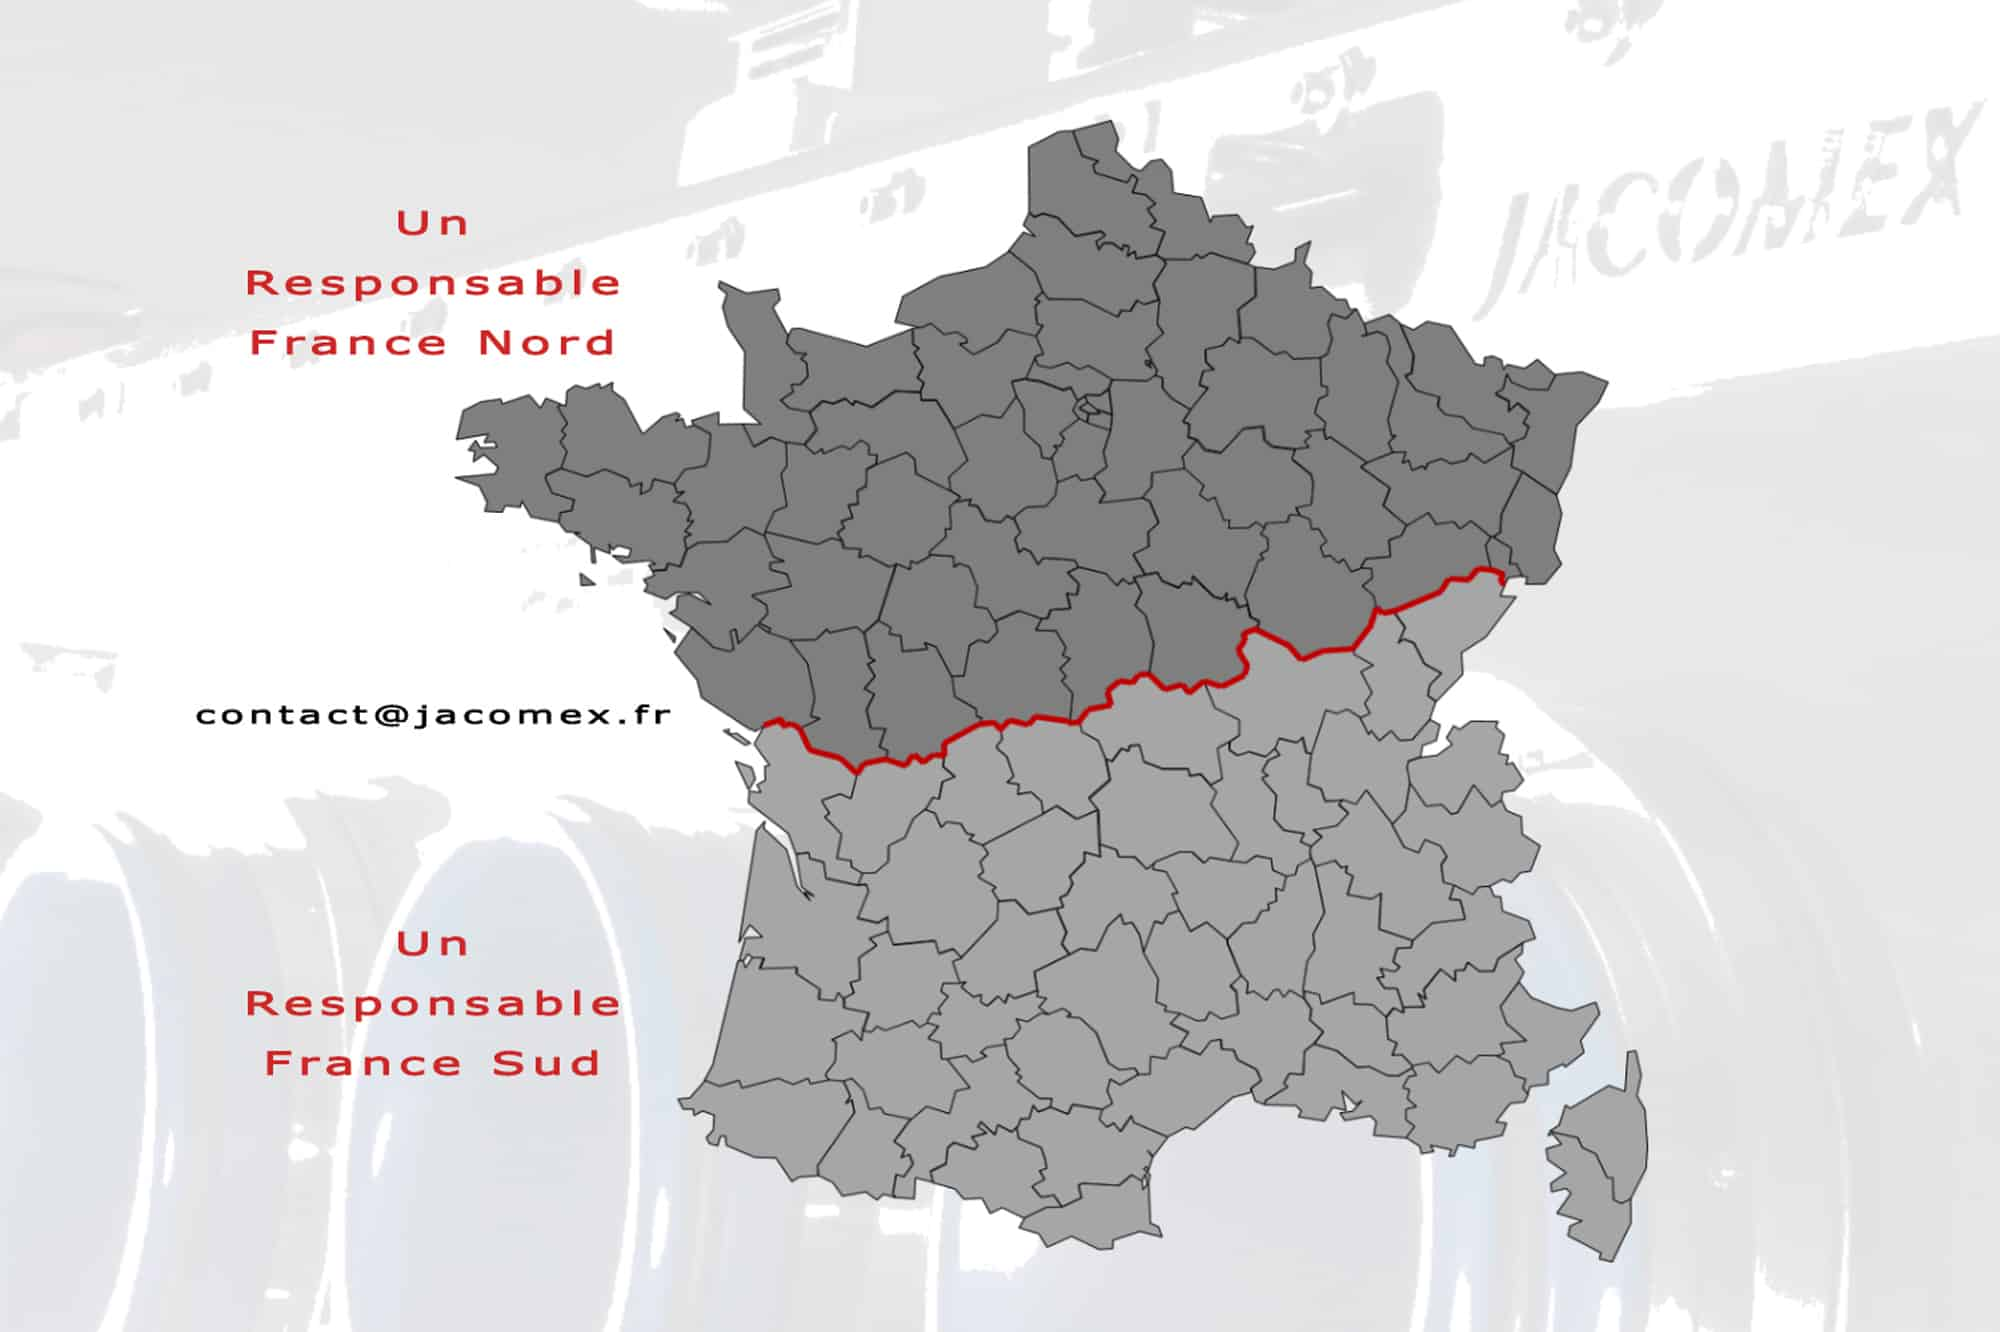 Présence de Jacomex en France